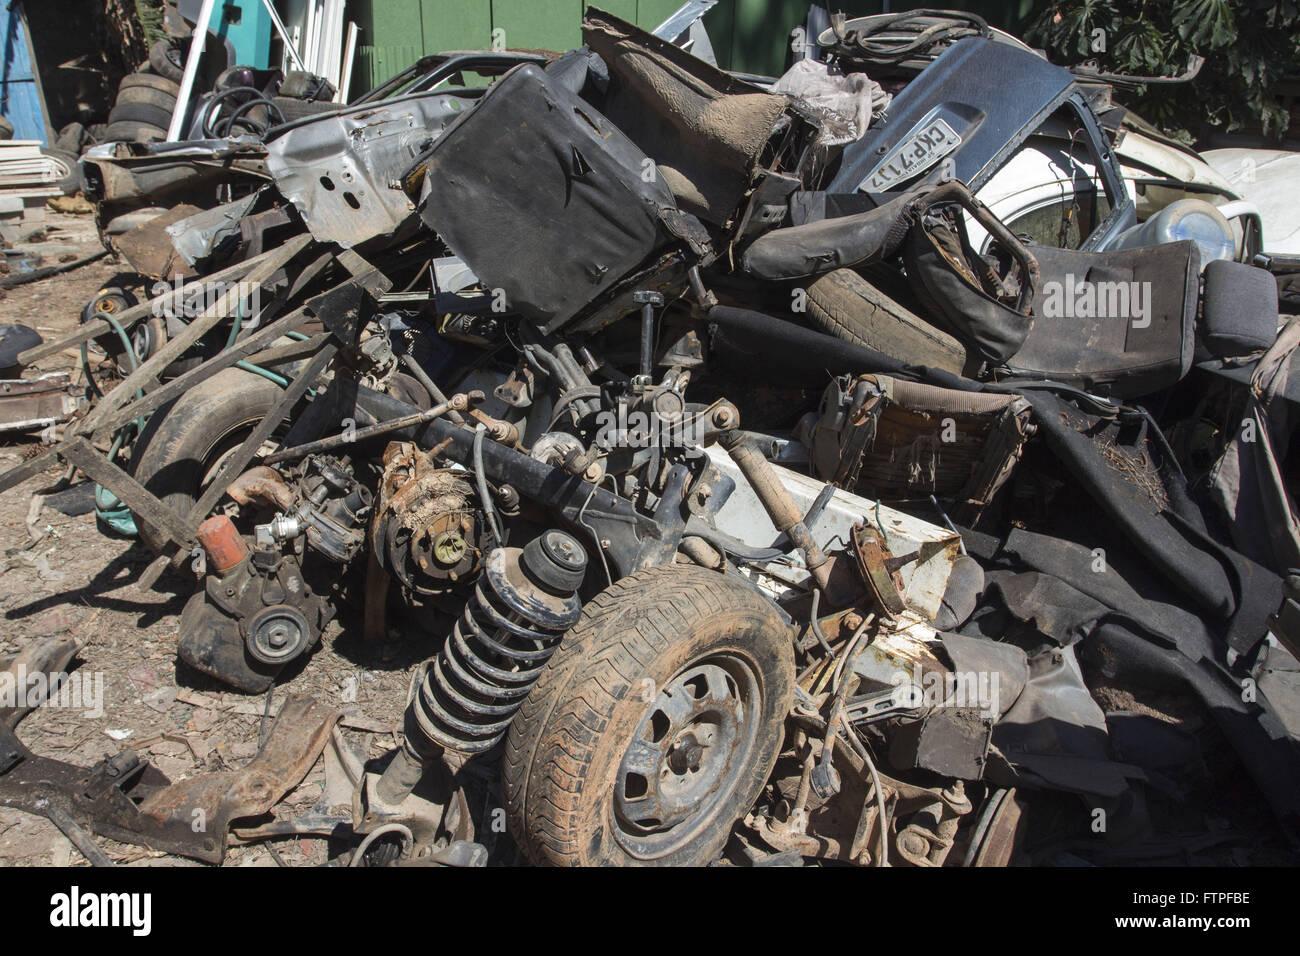 Scrap cars - Stock Image